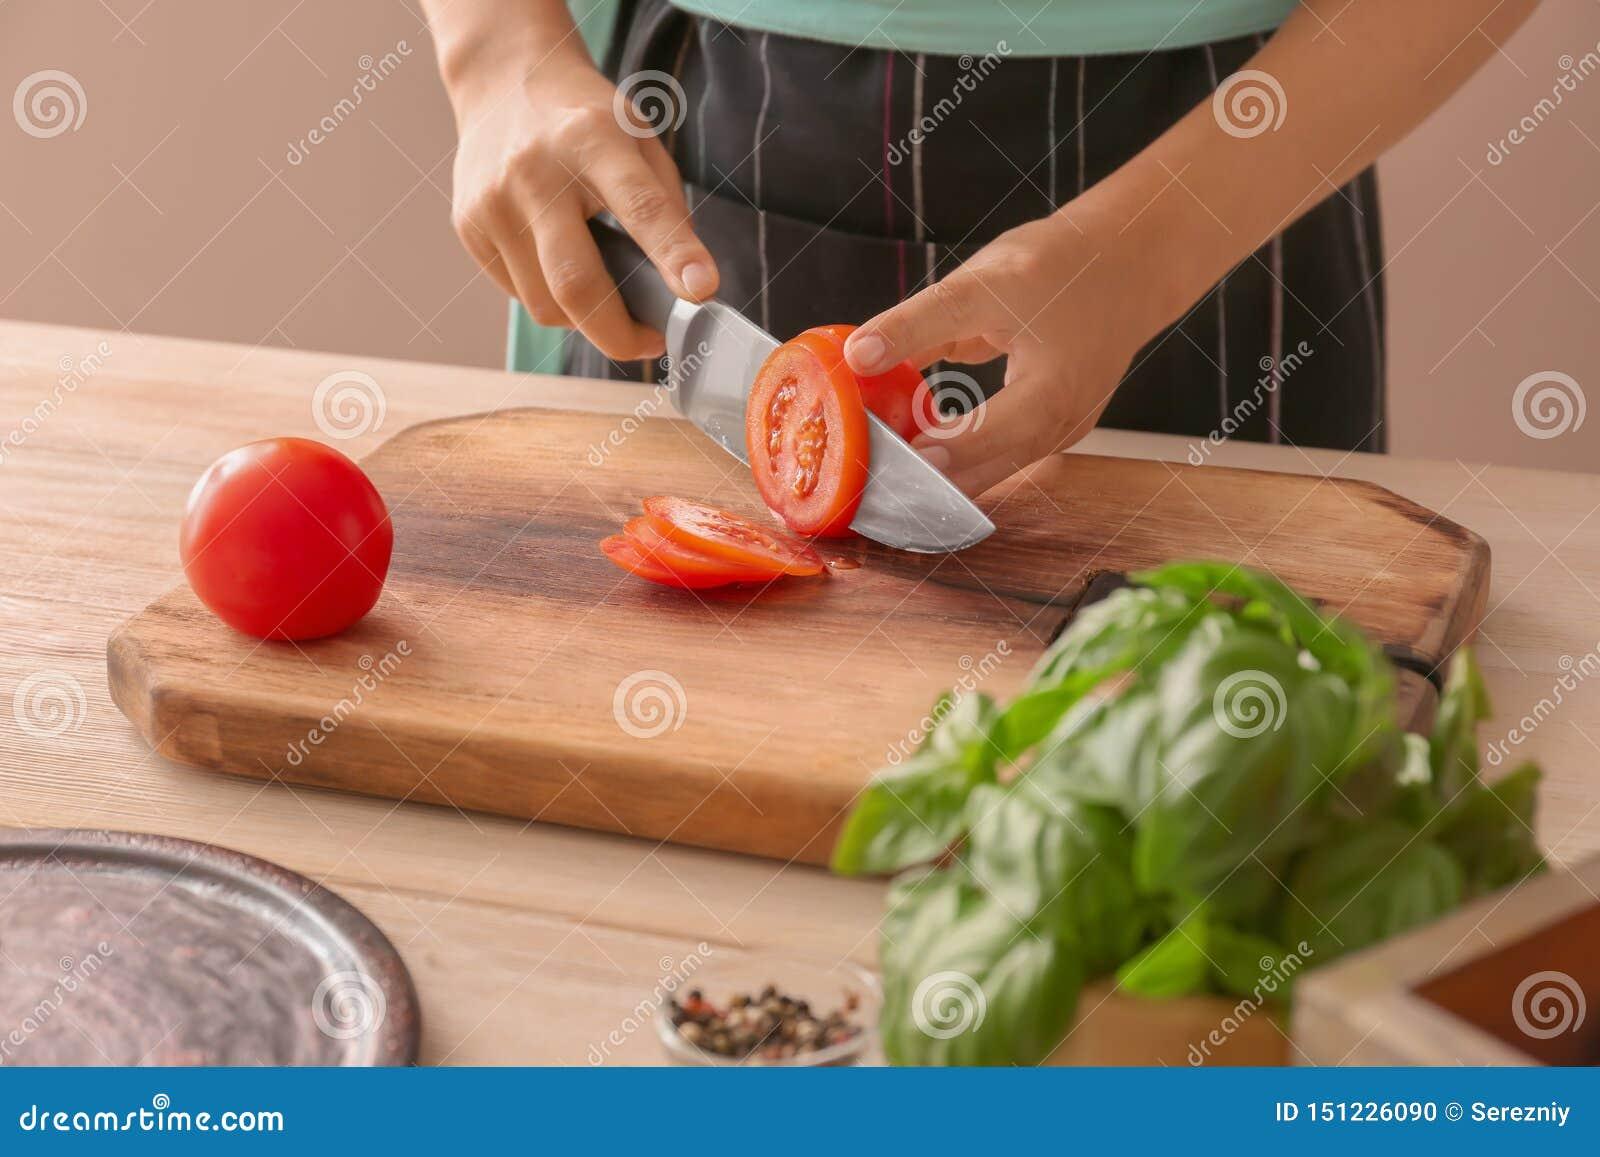 Kobieta tnący pomidor na drewnianej desce, zbliżenie